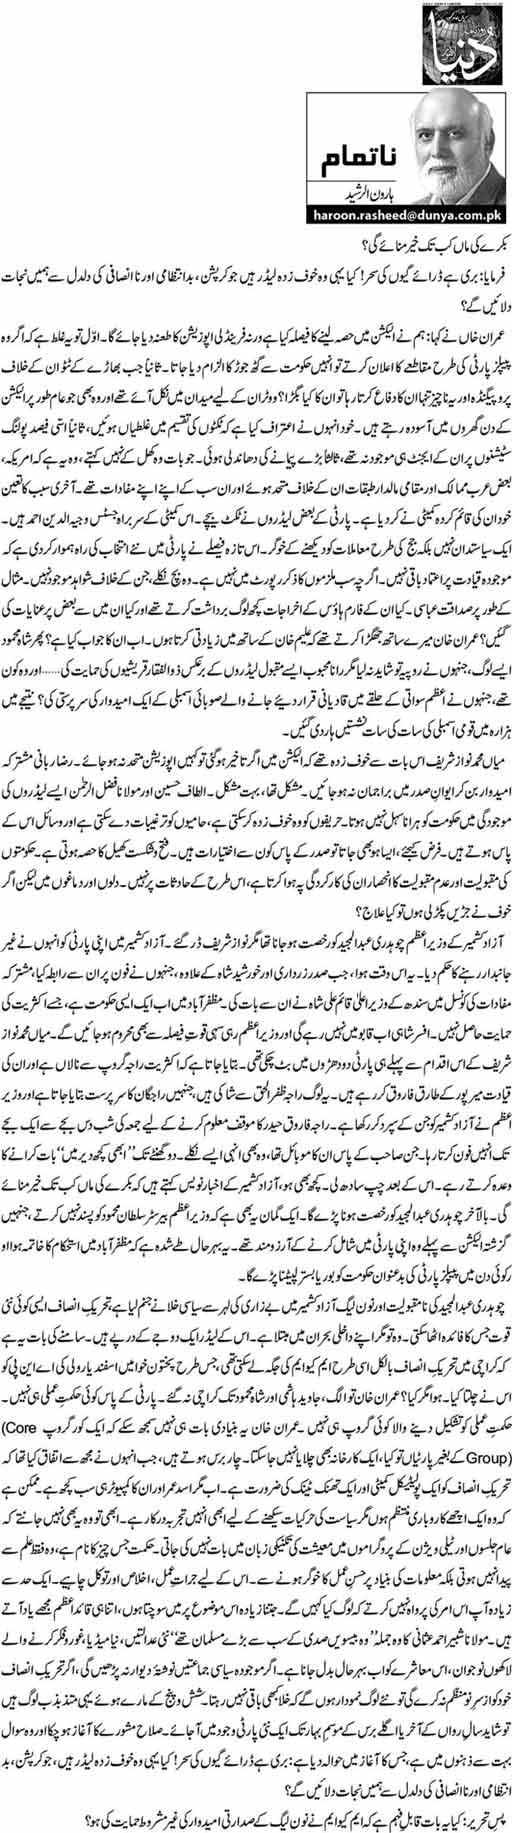 Bakray ki Maa Kab Tak Khair Manaye Gi? - Haroon-ur-Rasheed